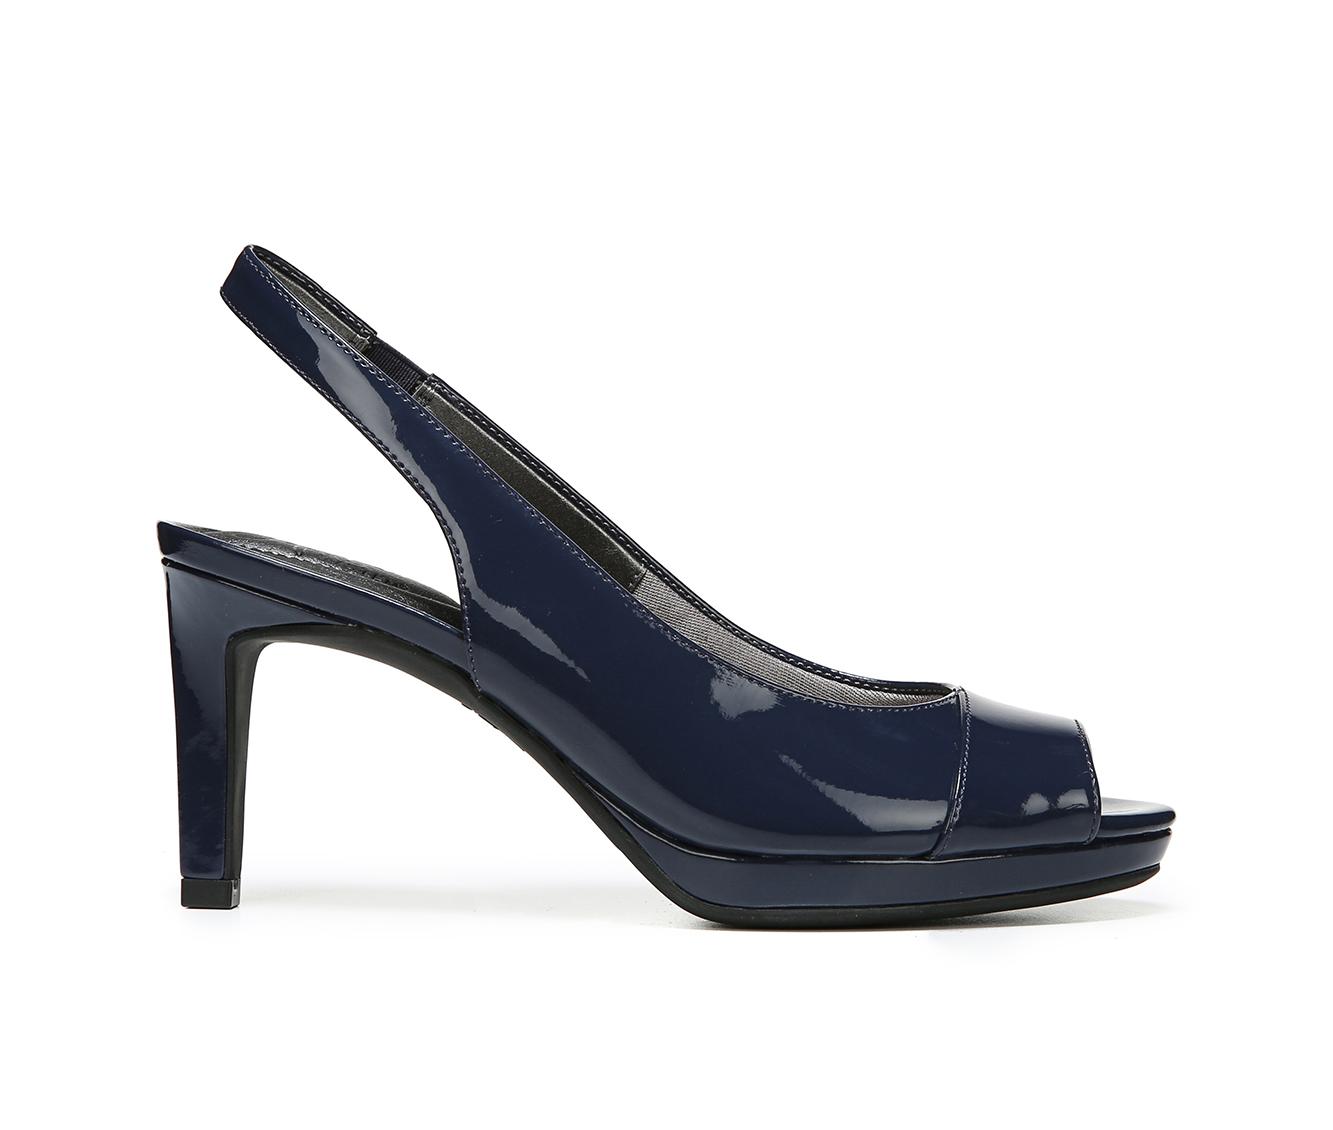 LifeStride Invest Women's Dress Shoe (Blue Faux Leather)